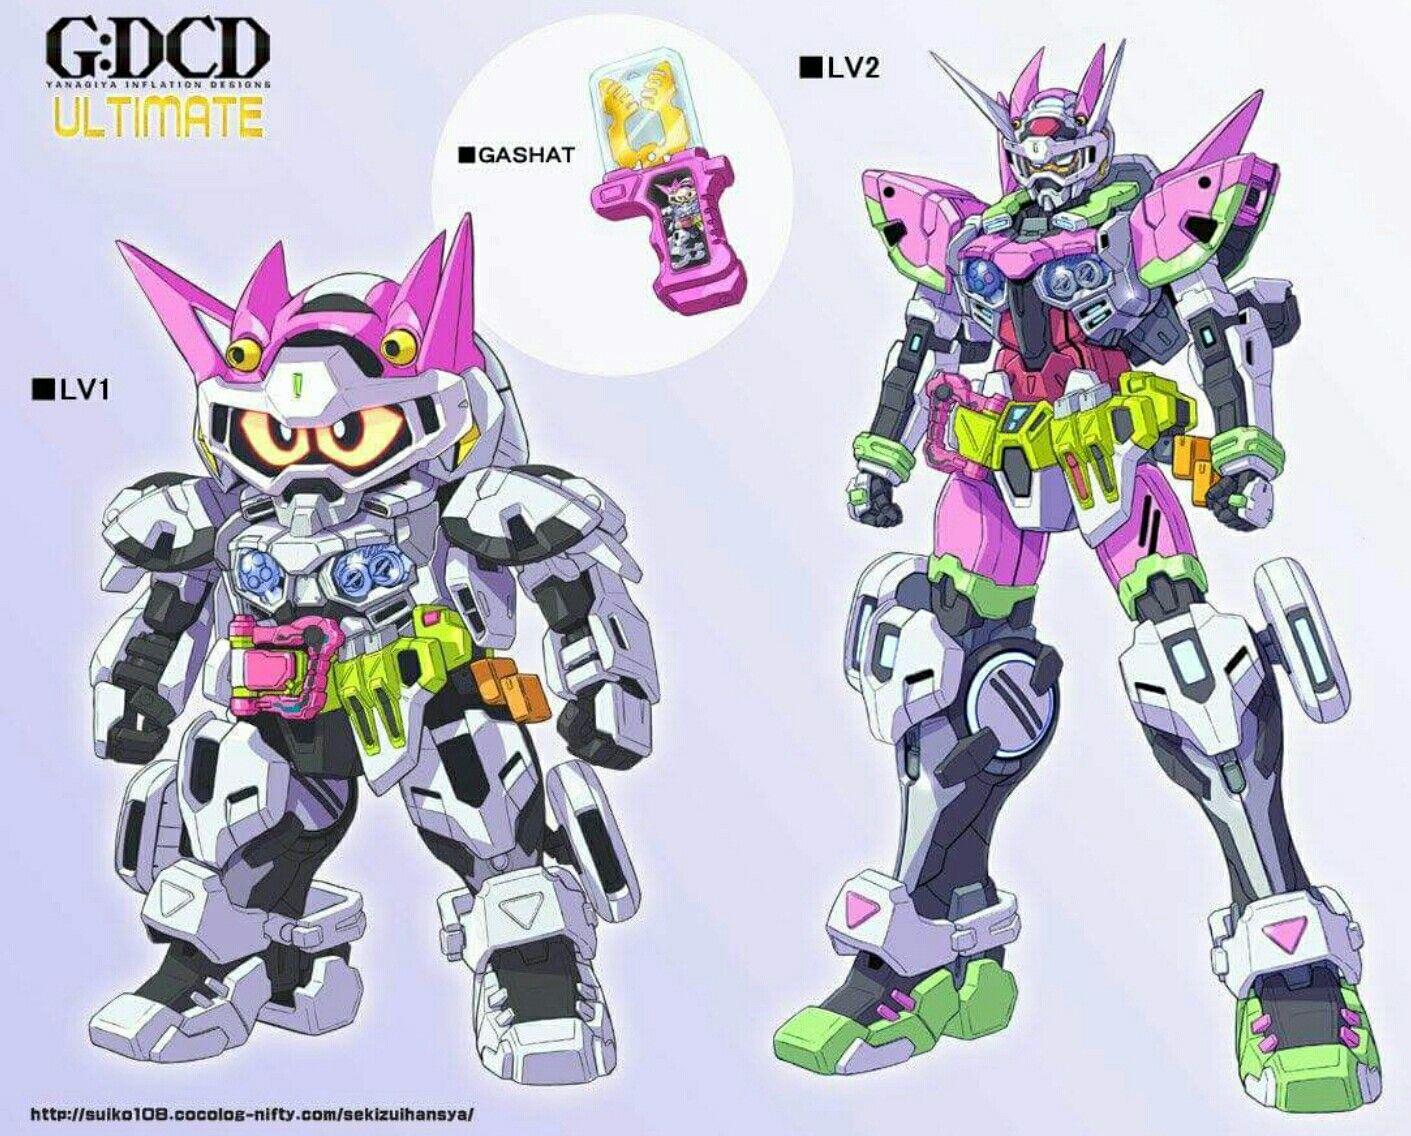 Kamen rider Exaid lvl 1&2 GundamVer image Pinterest